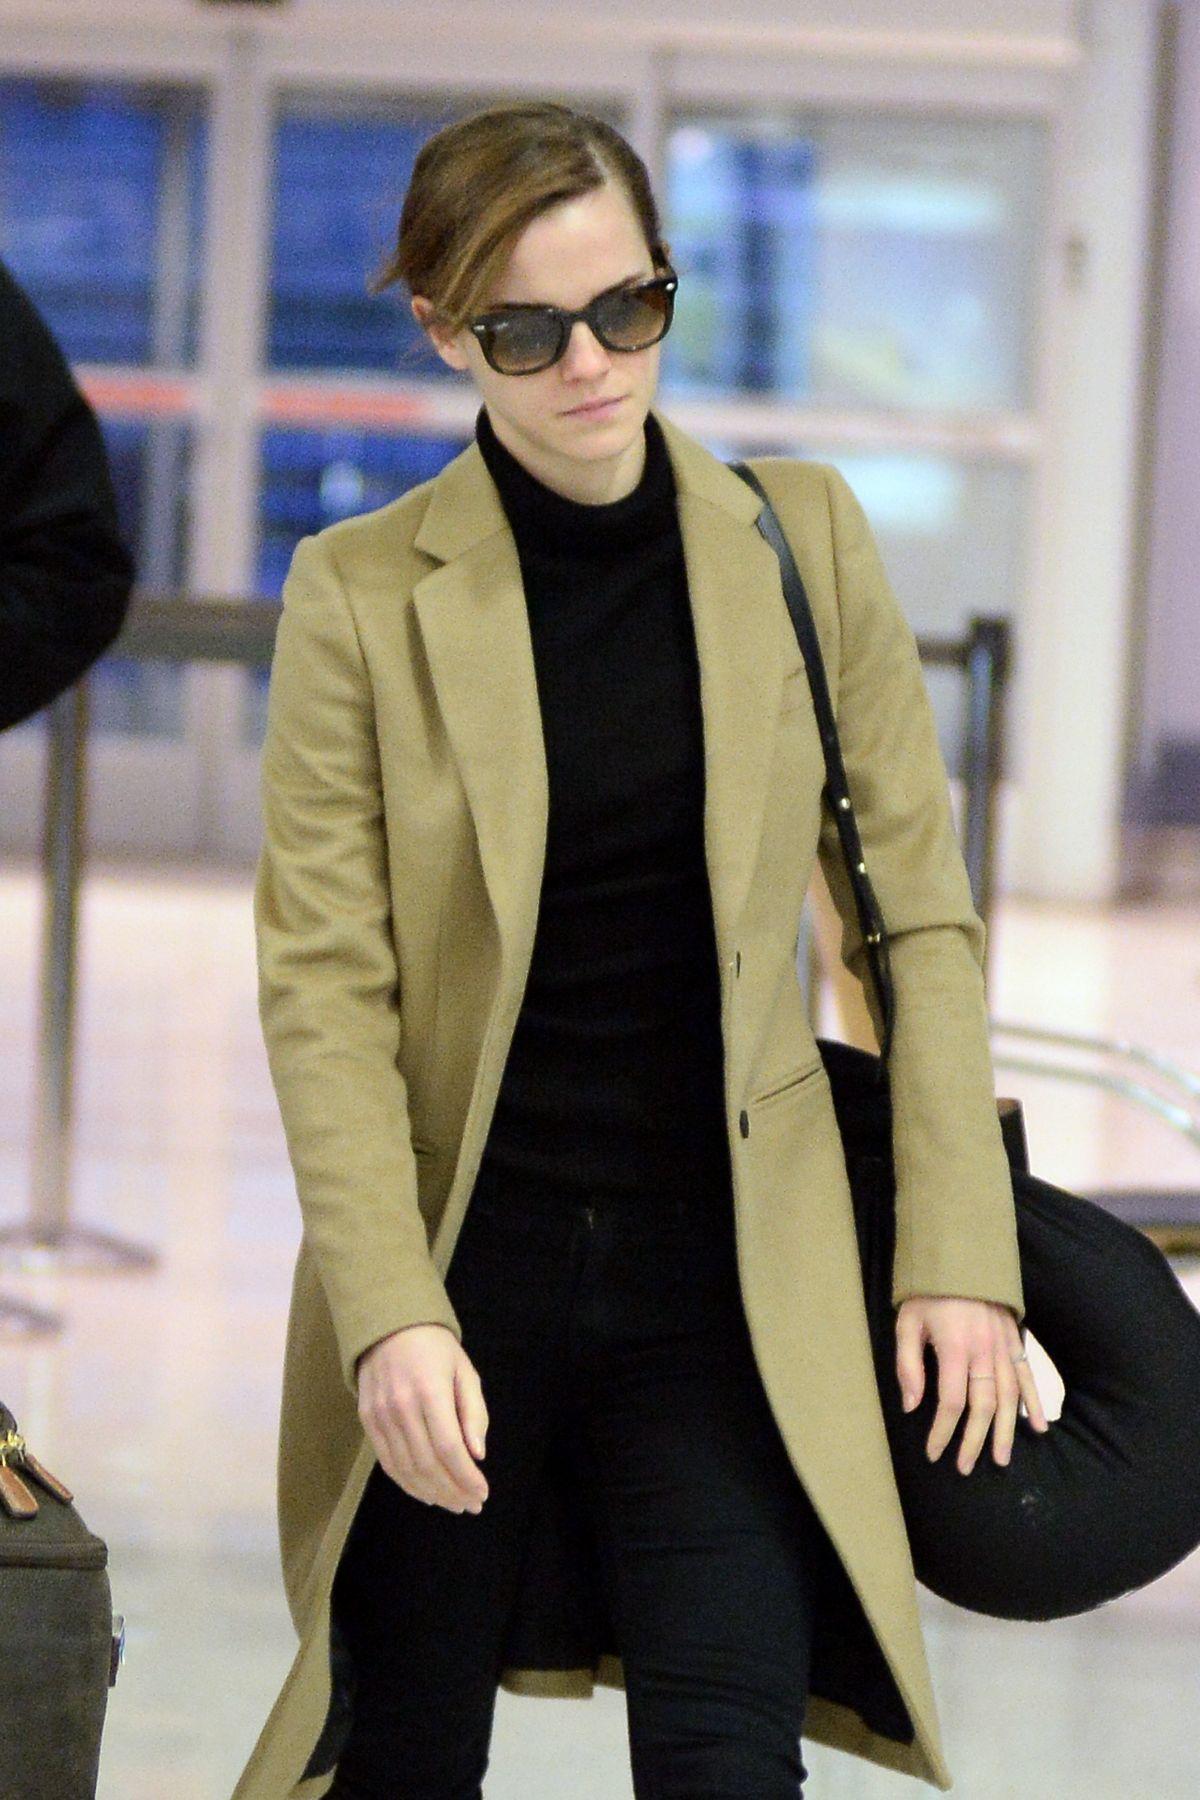 EMMA WATSON at JFK Airport